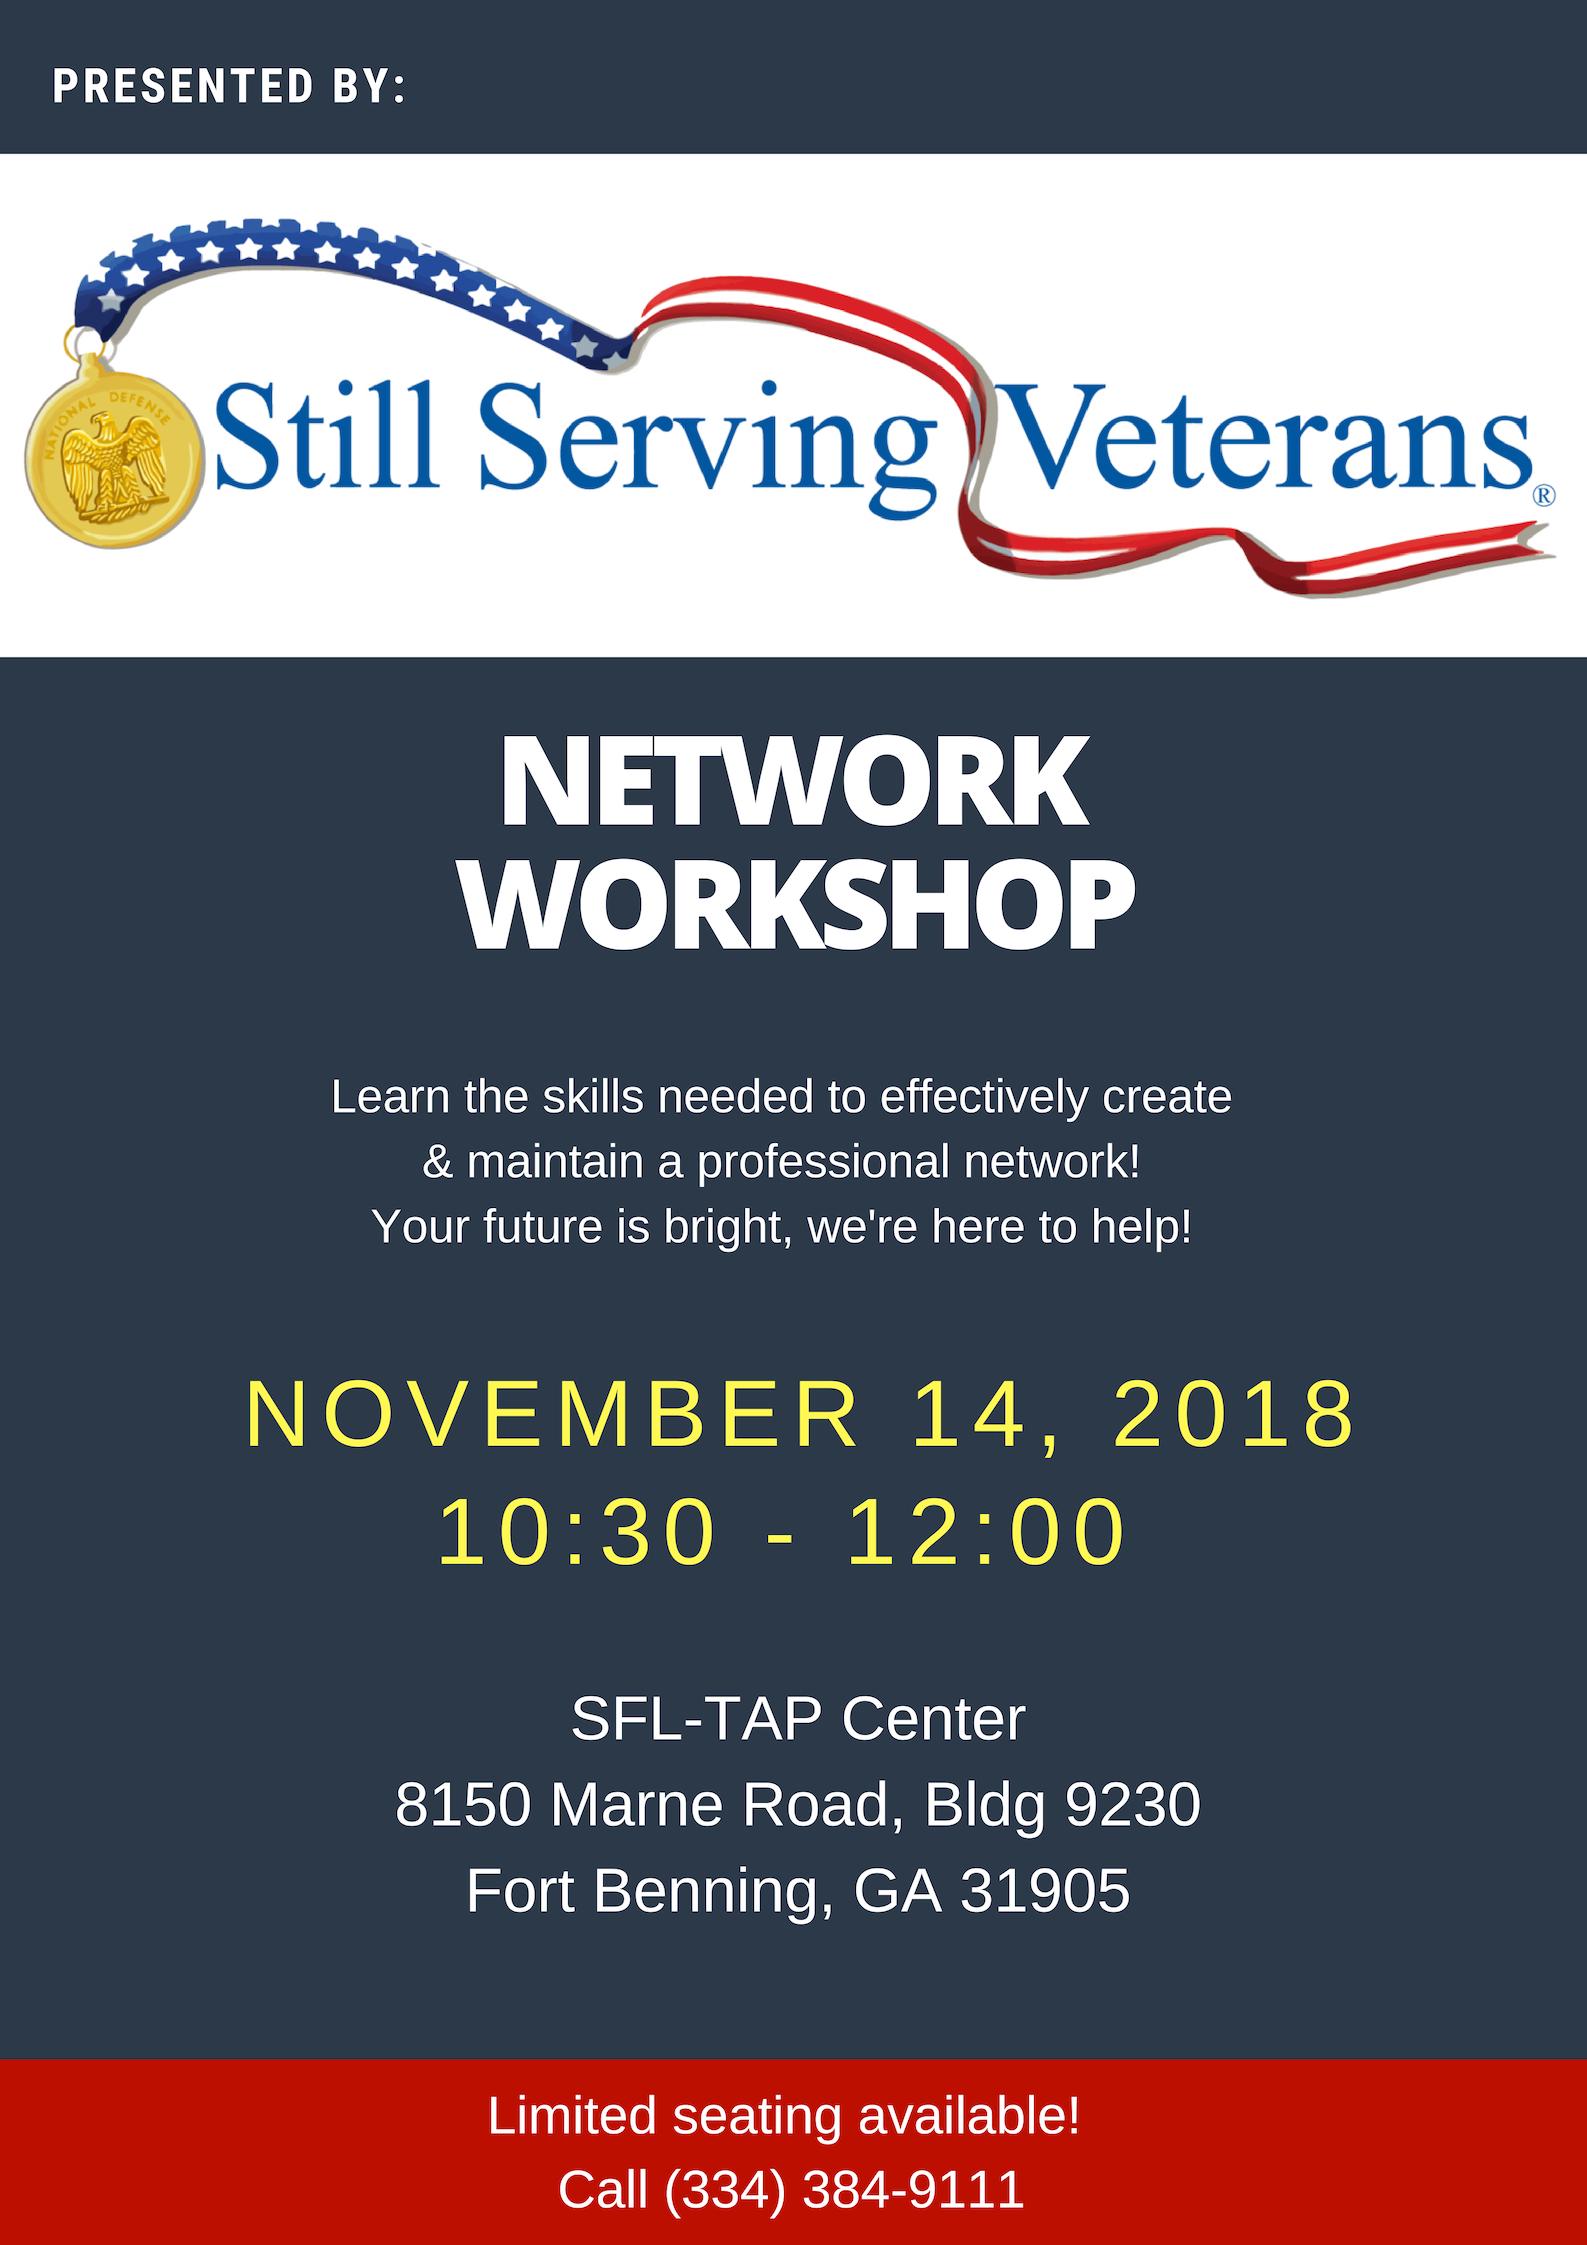 SSV Networking Workshop Flyer